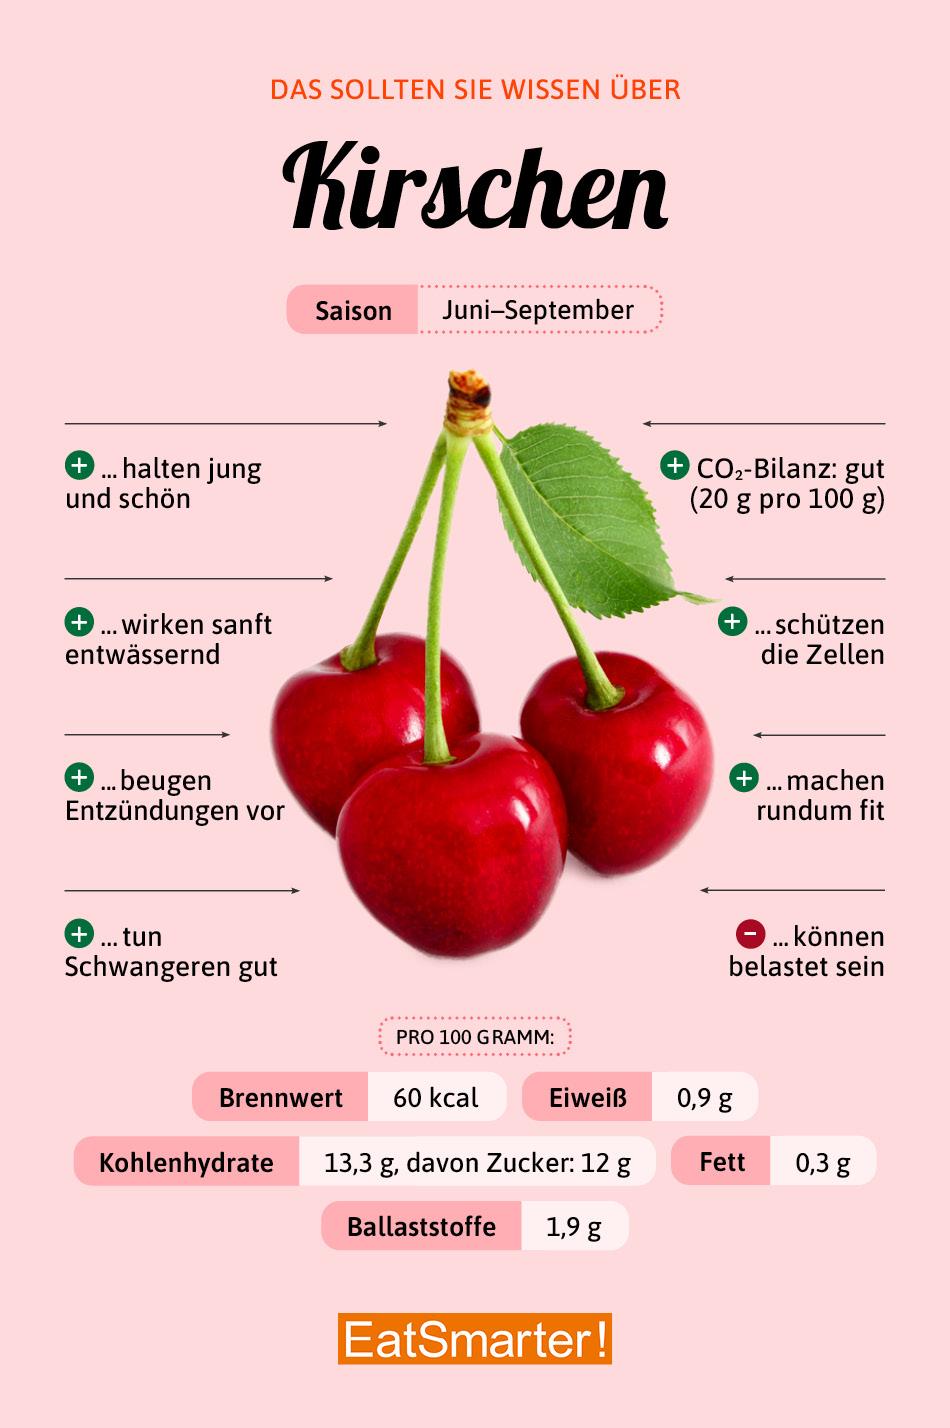 Kirschen Warenkunde